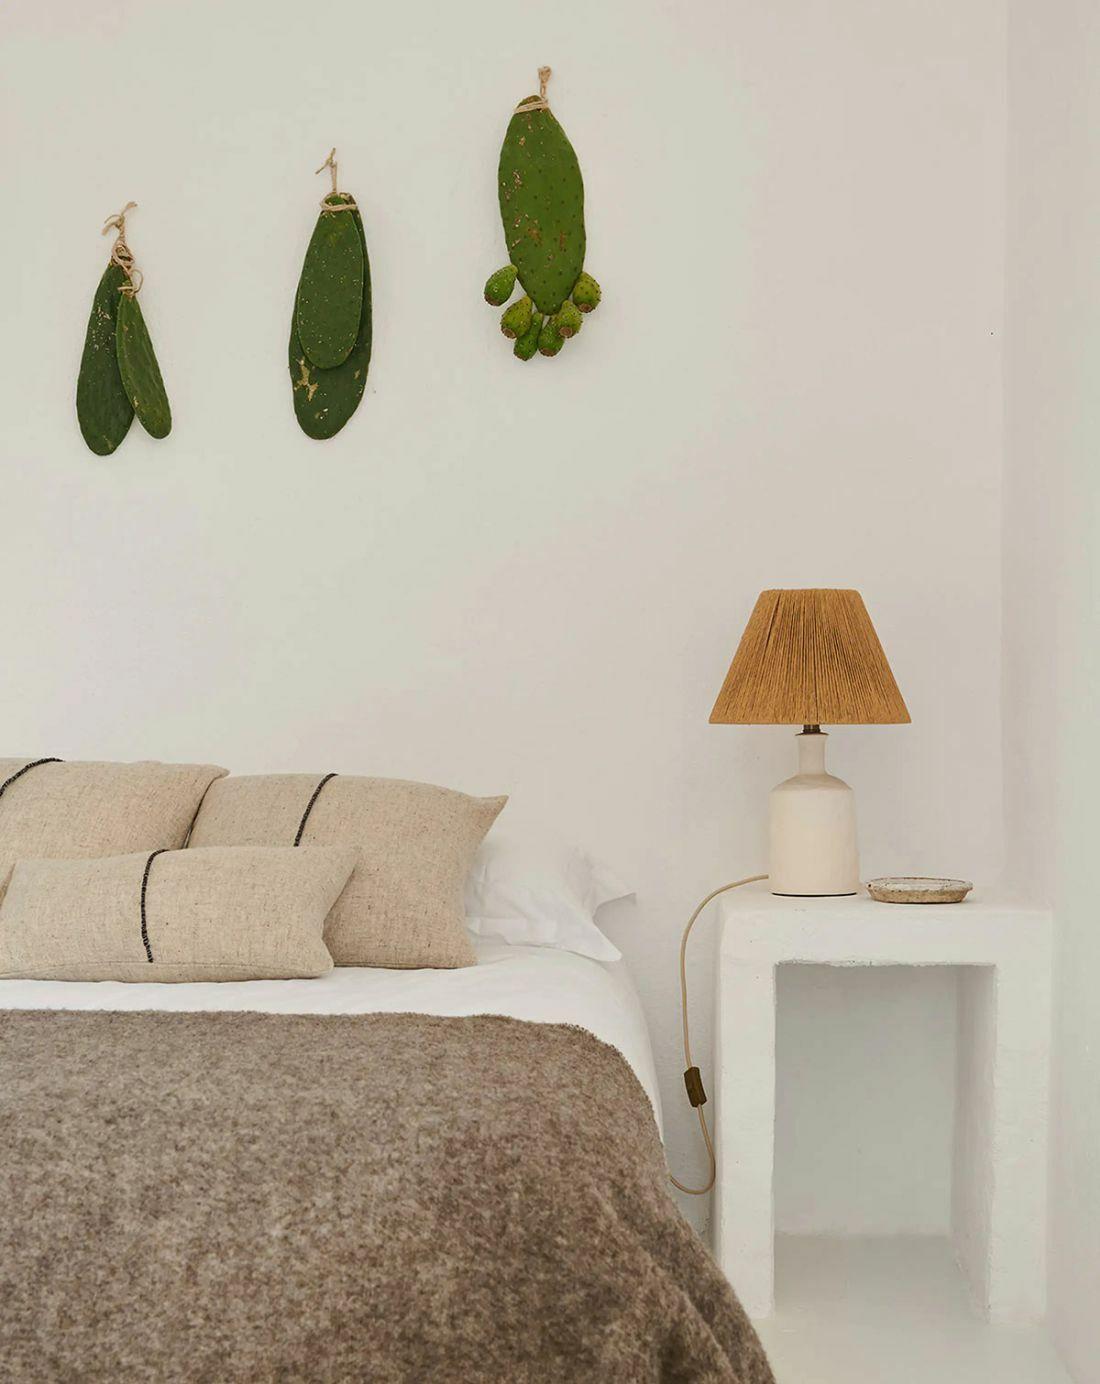 Asztali lámpa és kaktuszlevél dekoráció